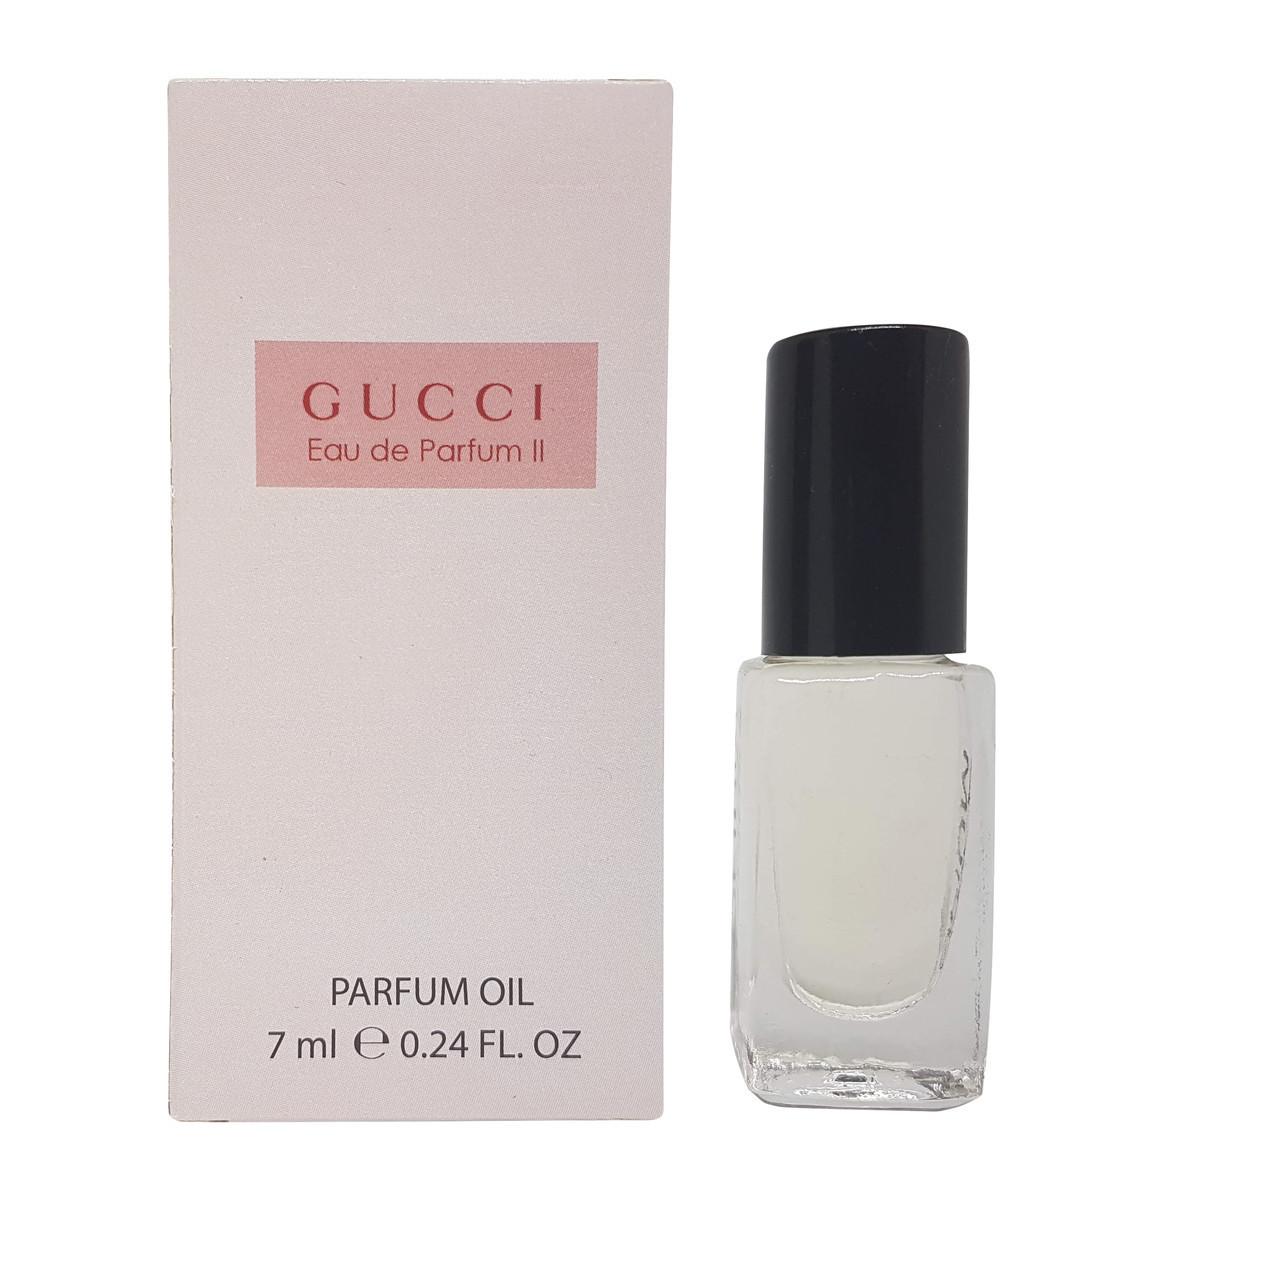 Gucci Eau de Parfum II - Parfum oil 7ml